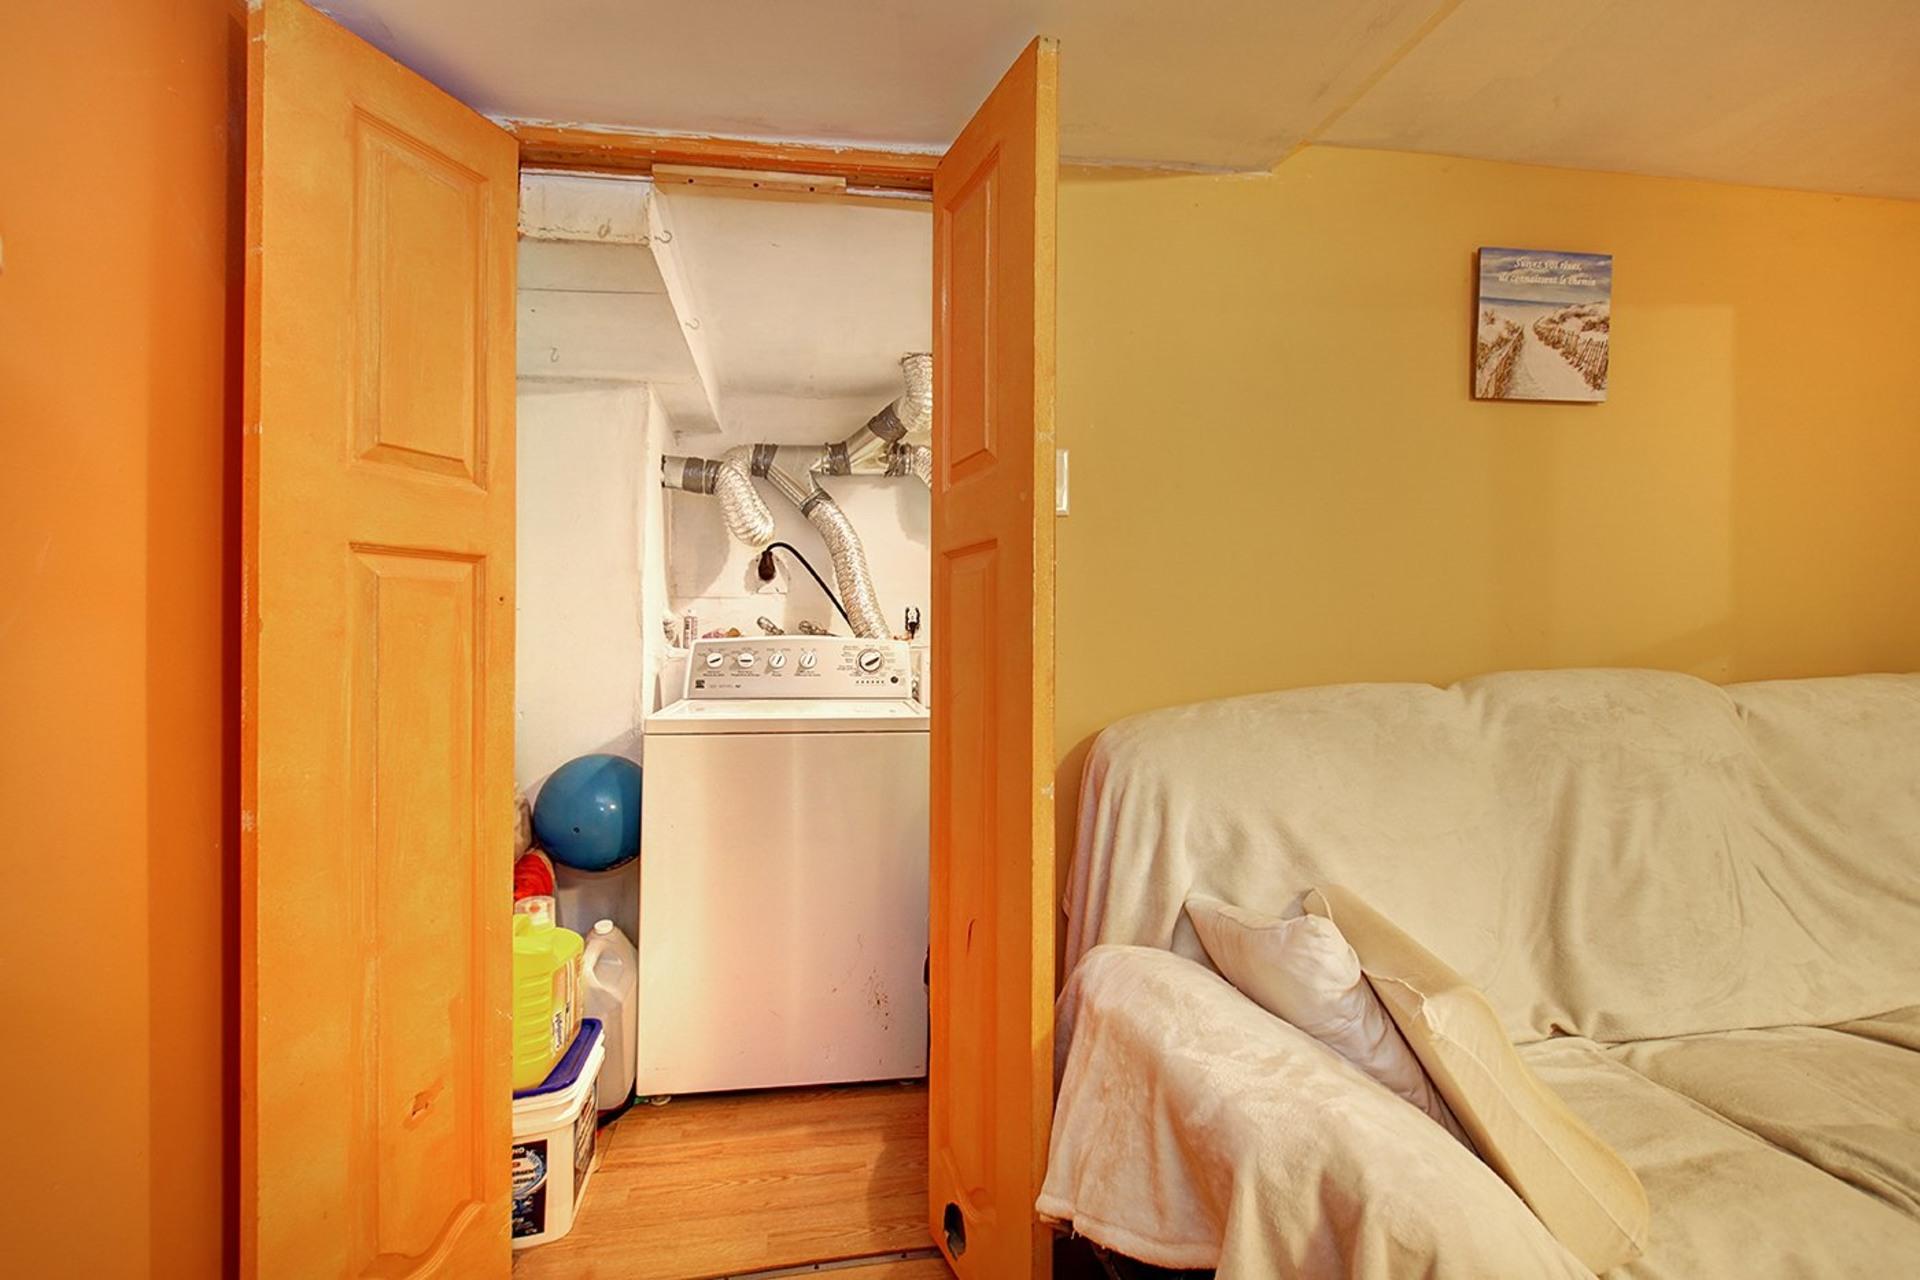 image 26 - Duplex For sale Rivière-des-Prairies/Pointe-aux-Trembles Montréal  - 4 rooms